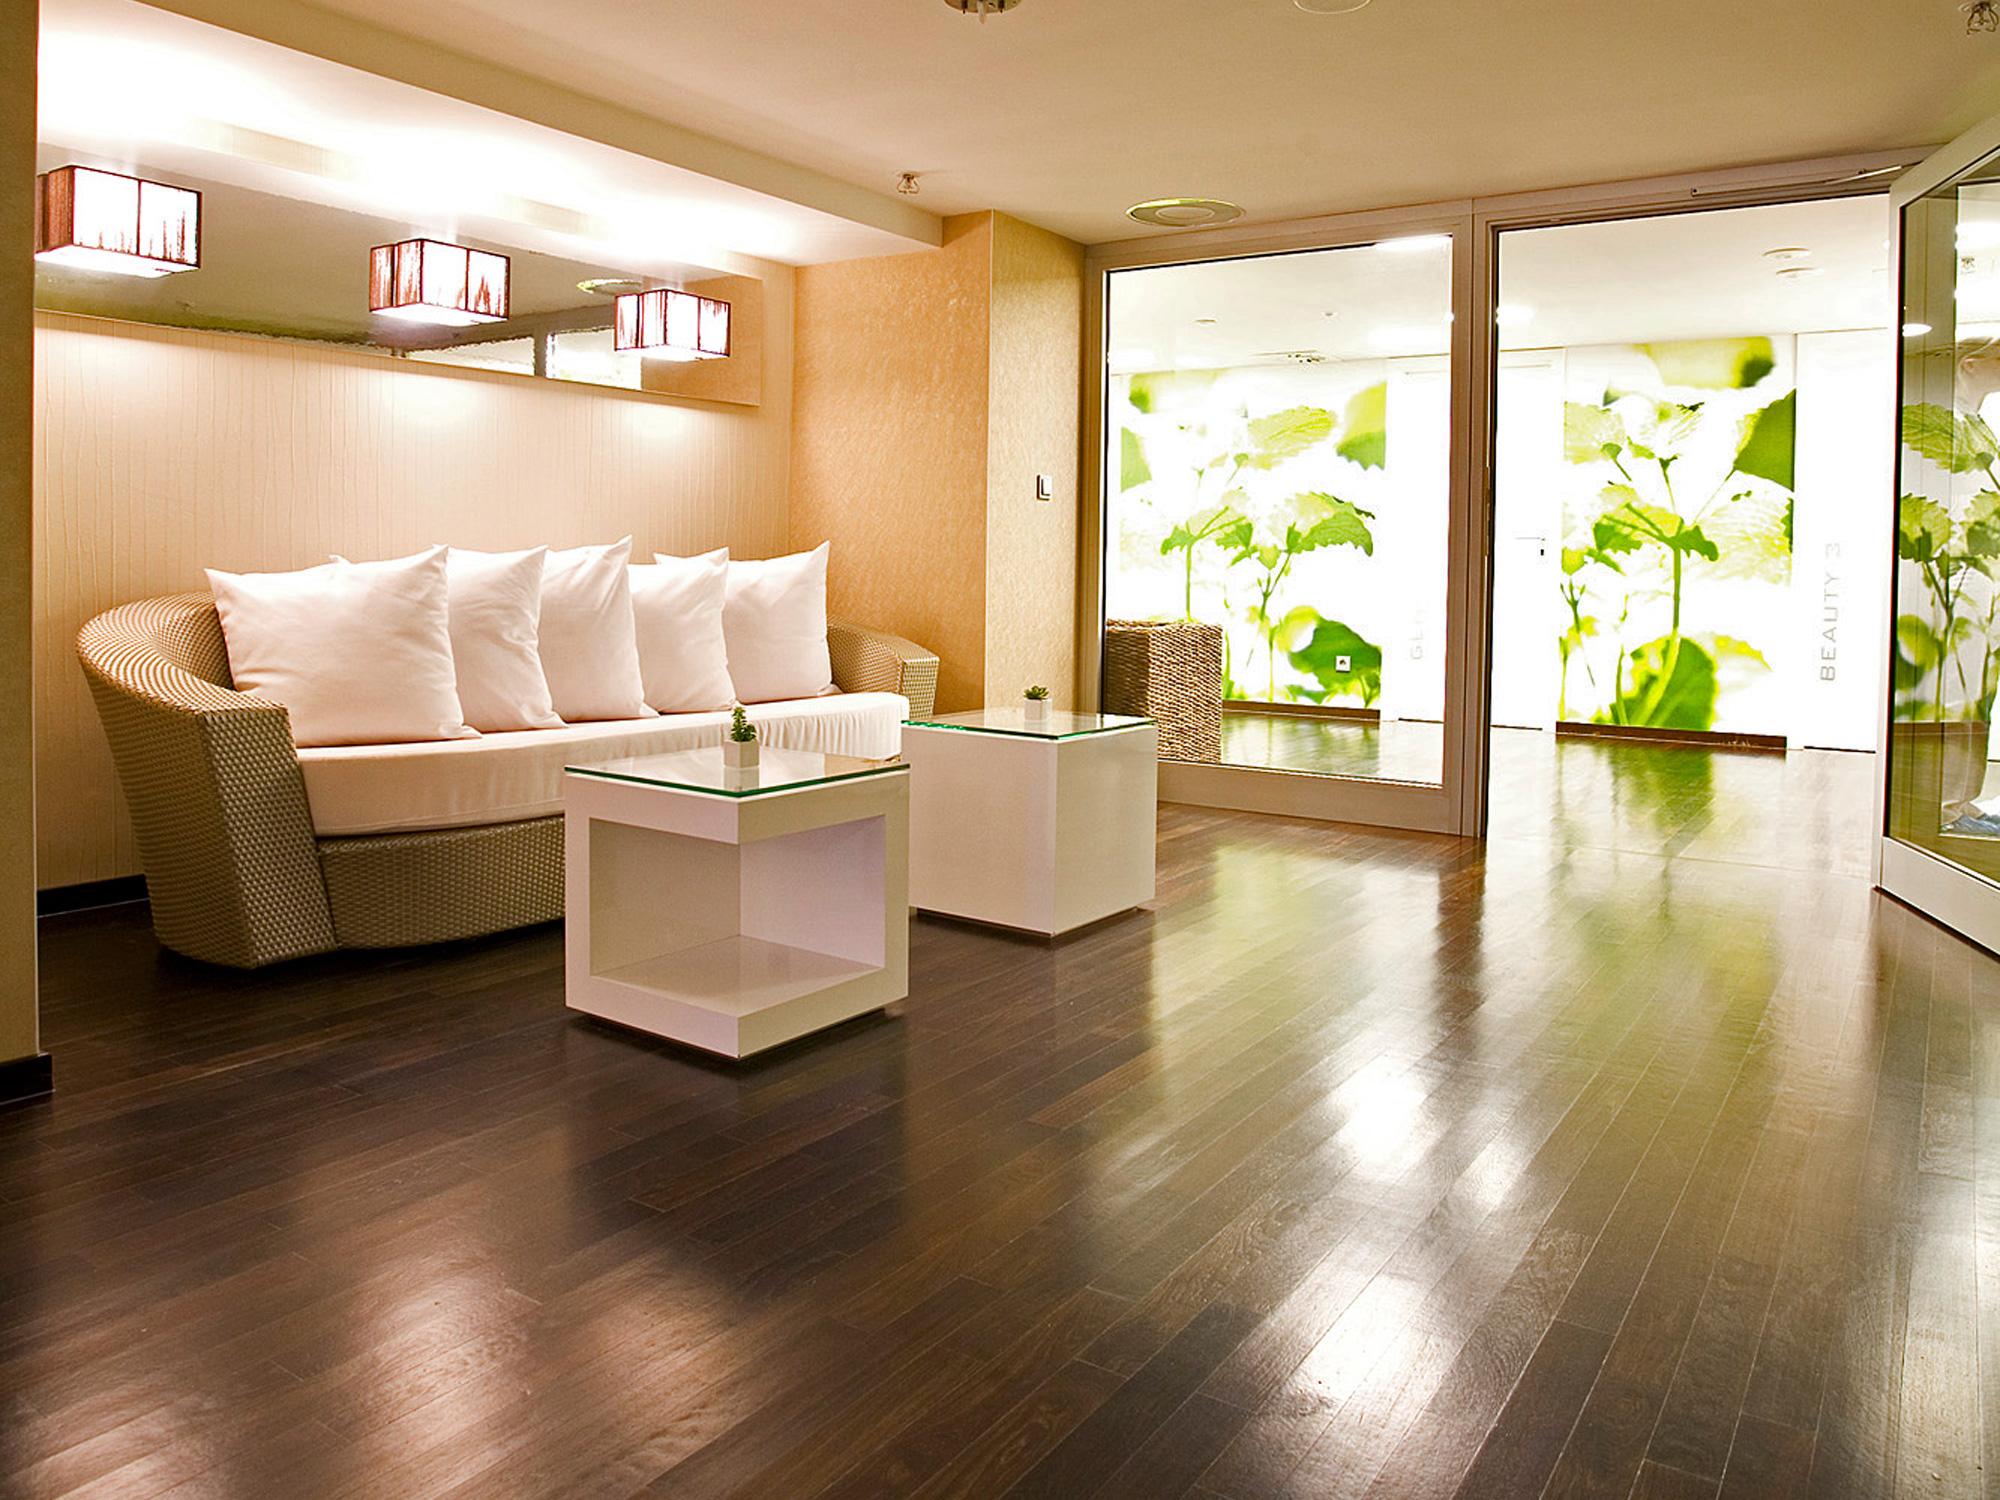 Wandgestaltung hotel wellness bereich mit erfrischem motiv - Jugendstil wandgestaltung ...